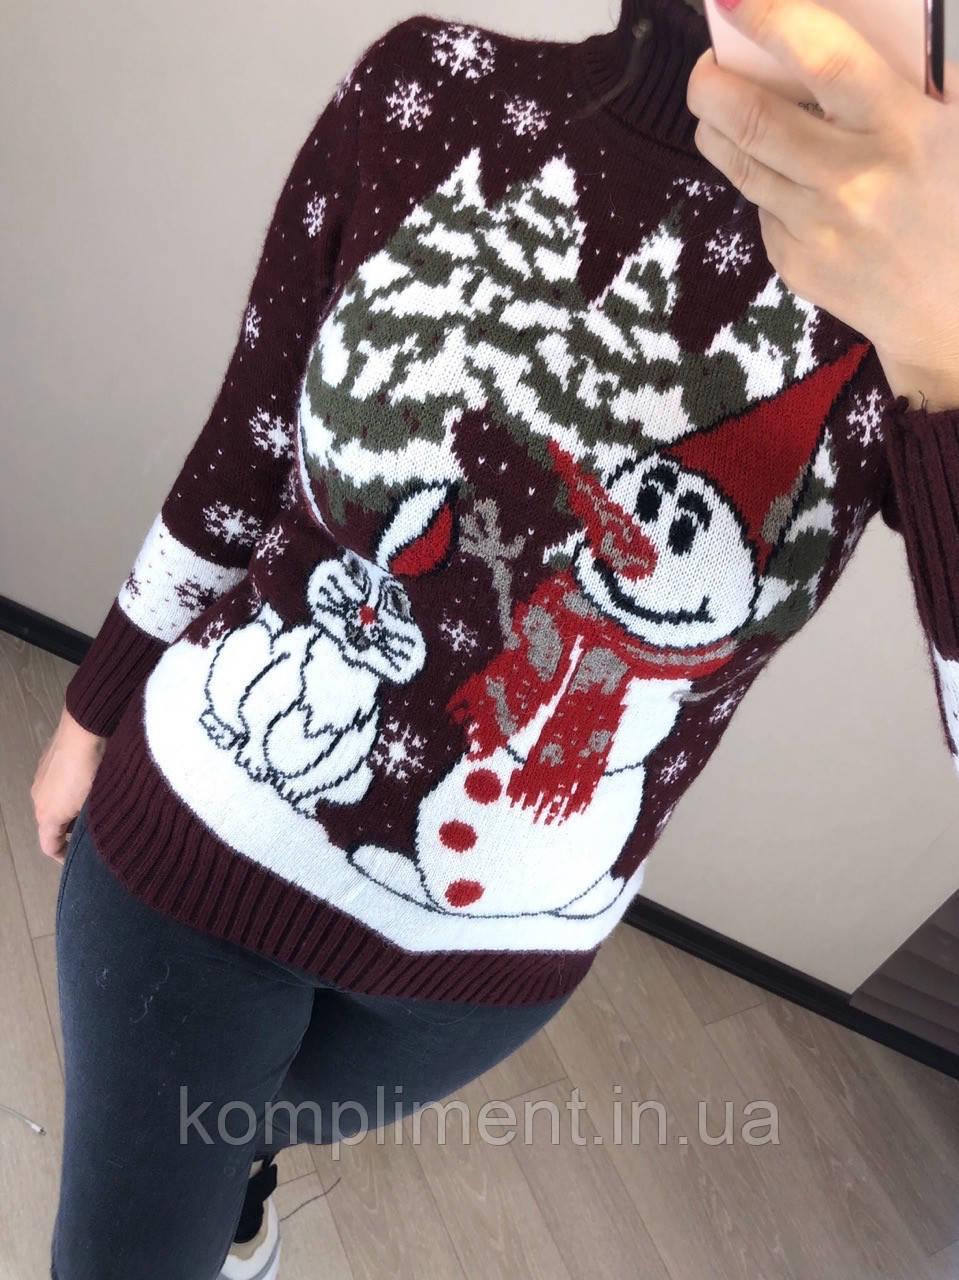 Шерстяной турецкий вязаный свитер с рисунком снеговик, бордовый